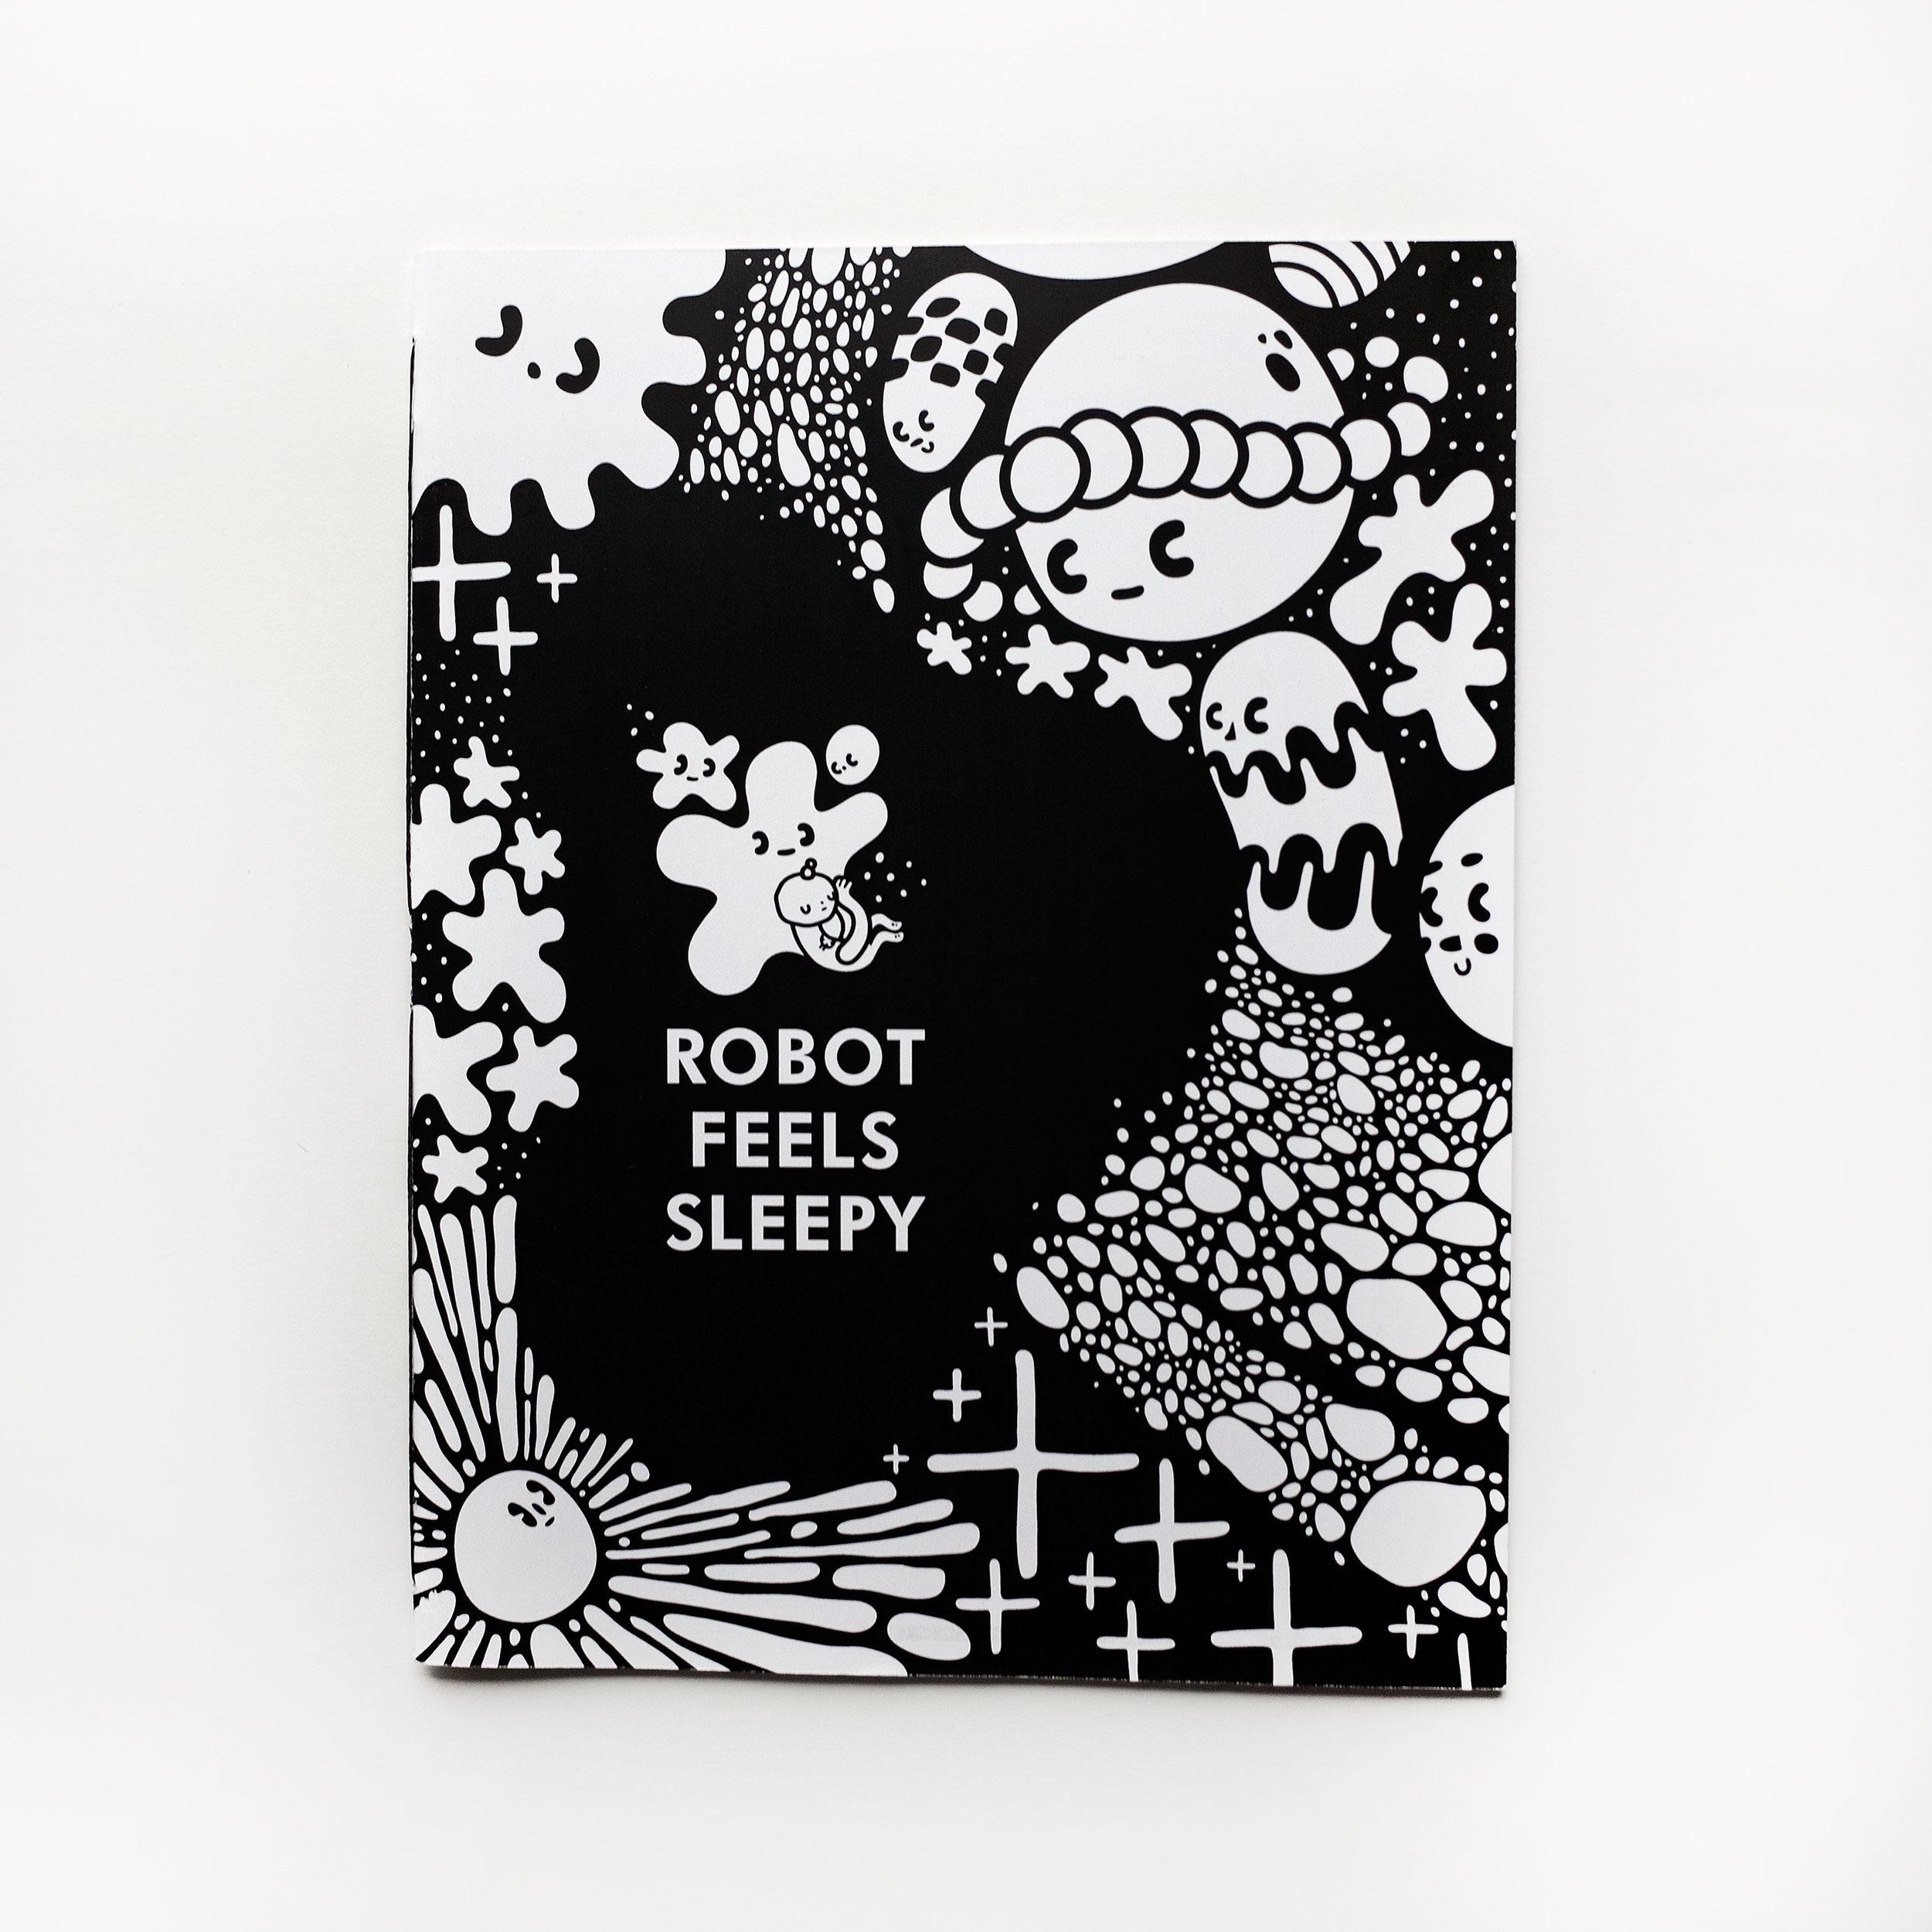 Jeff_Kulak-Robot_Feels_Sleepy_01.jpg